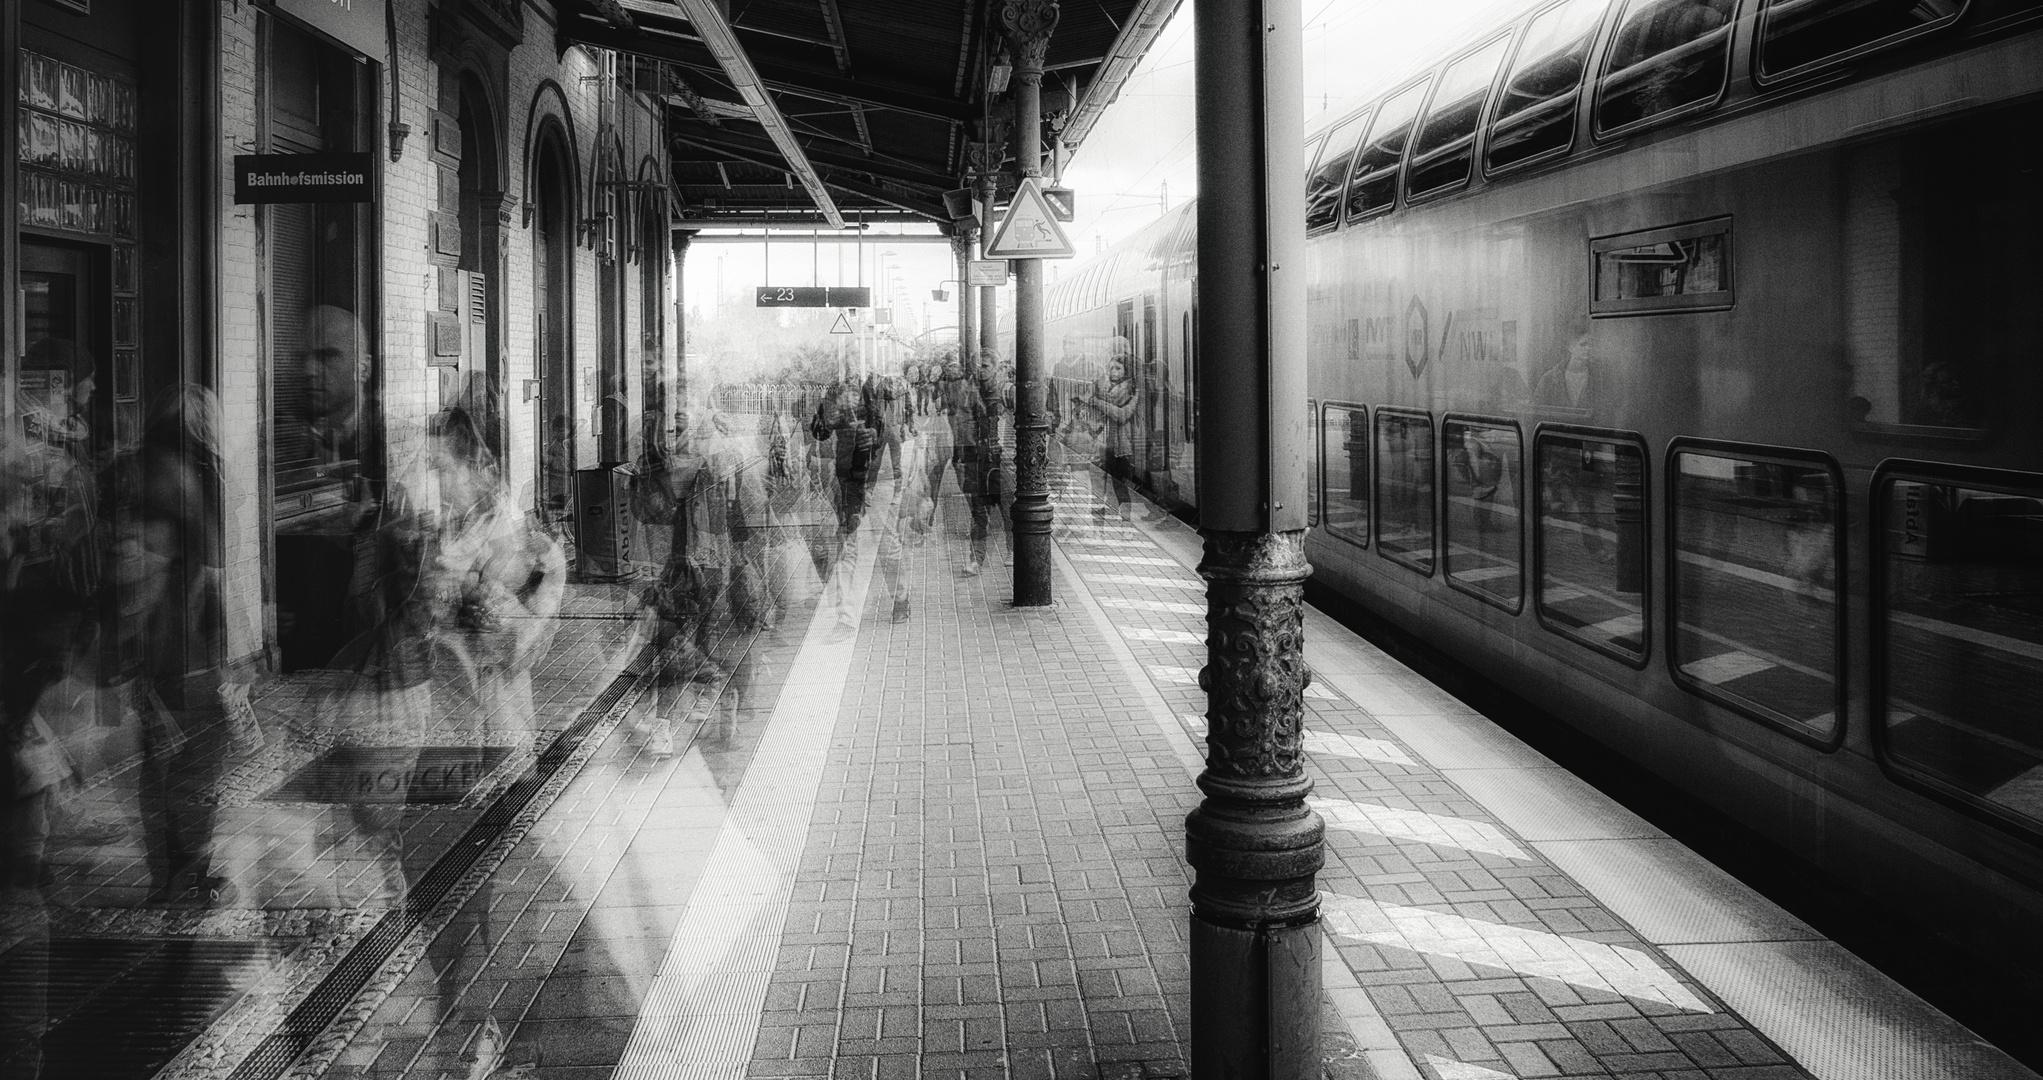 Zug von irgendwo 2